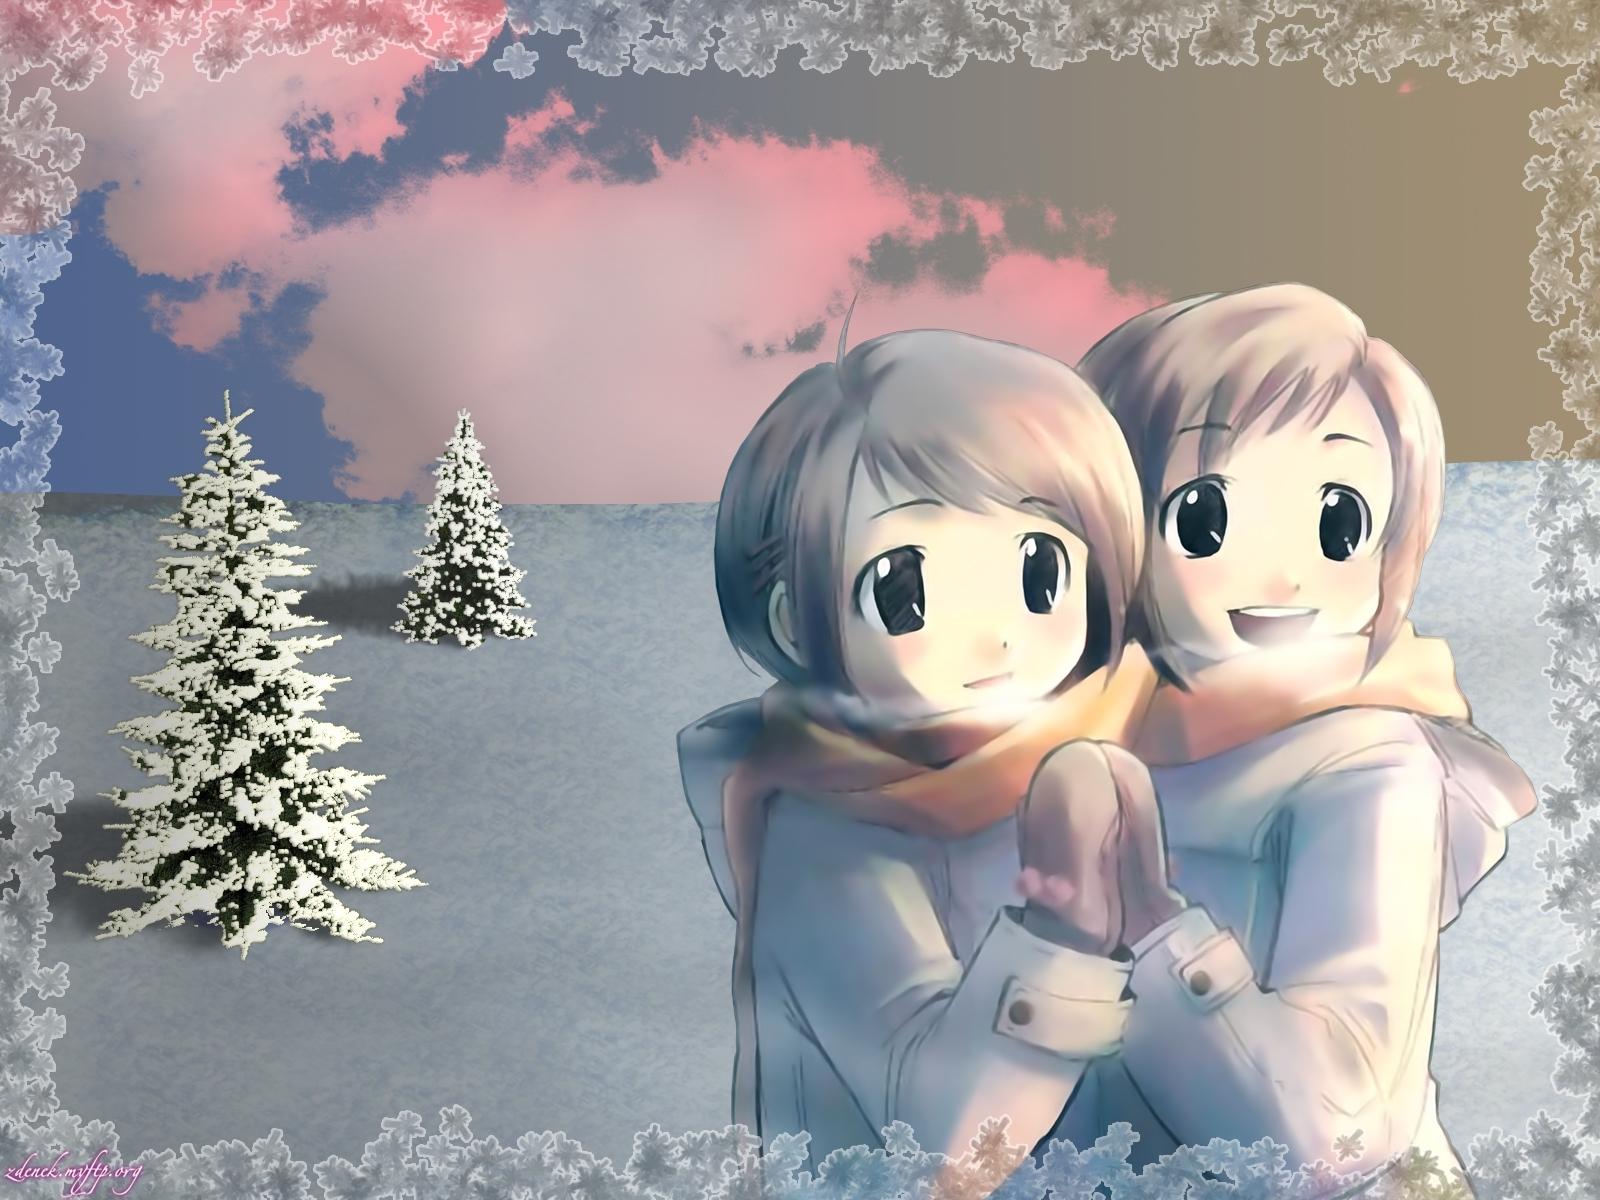 396 papel de parede 240x320 em seu telefone gratuitamente, baixe imagens Anime, Inverno, Crianças 240x320 em seu celular